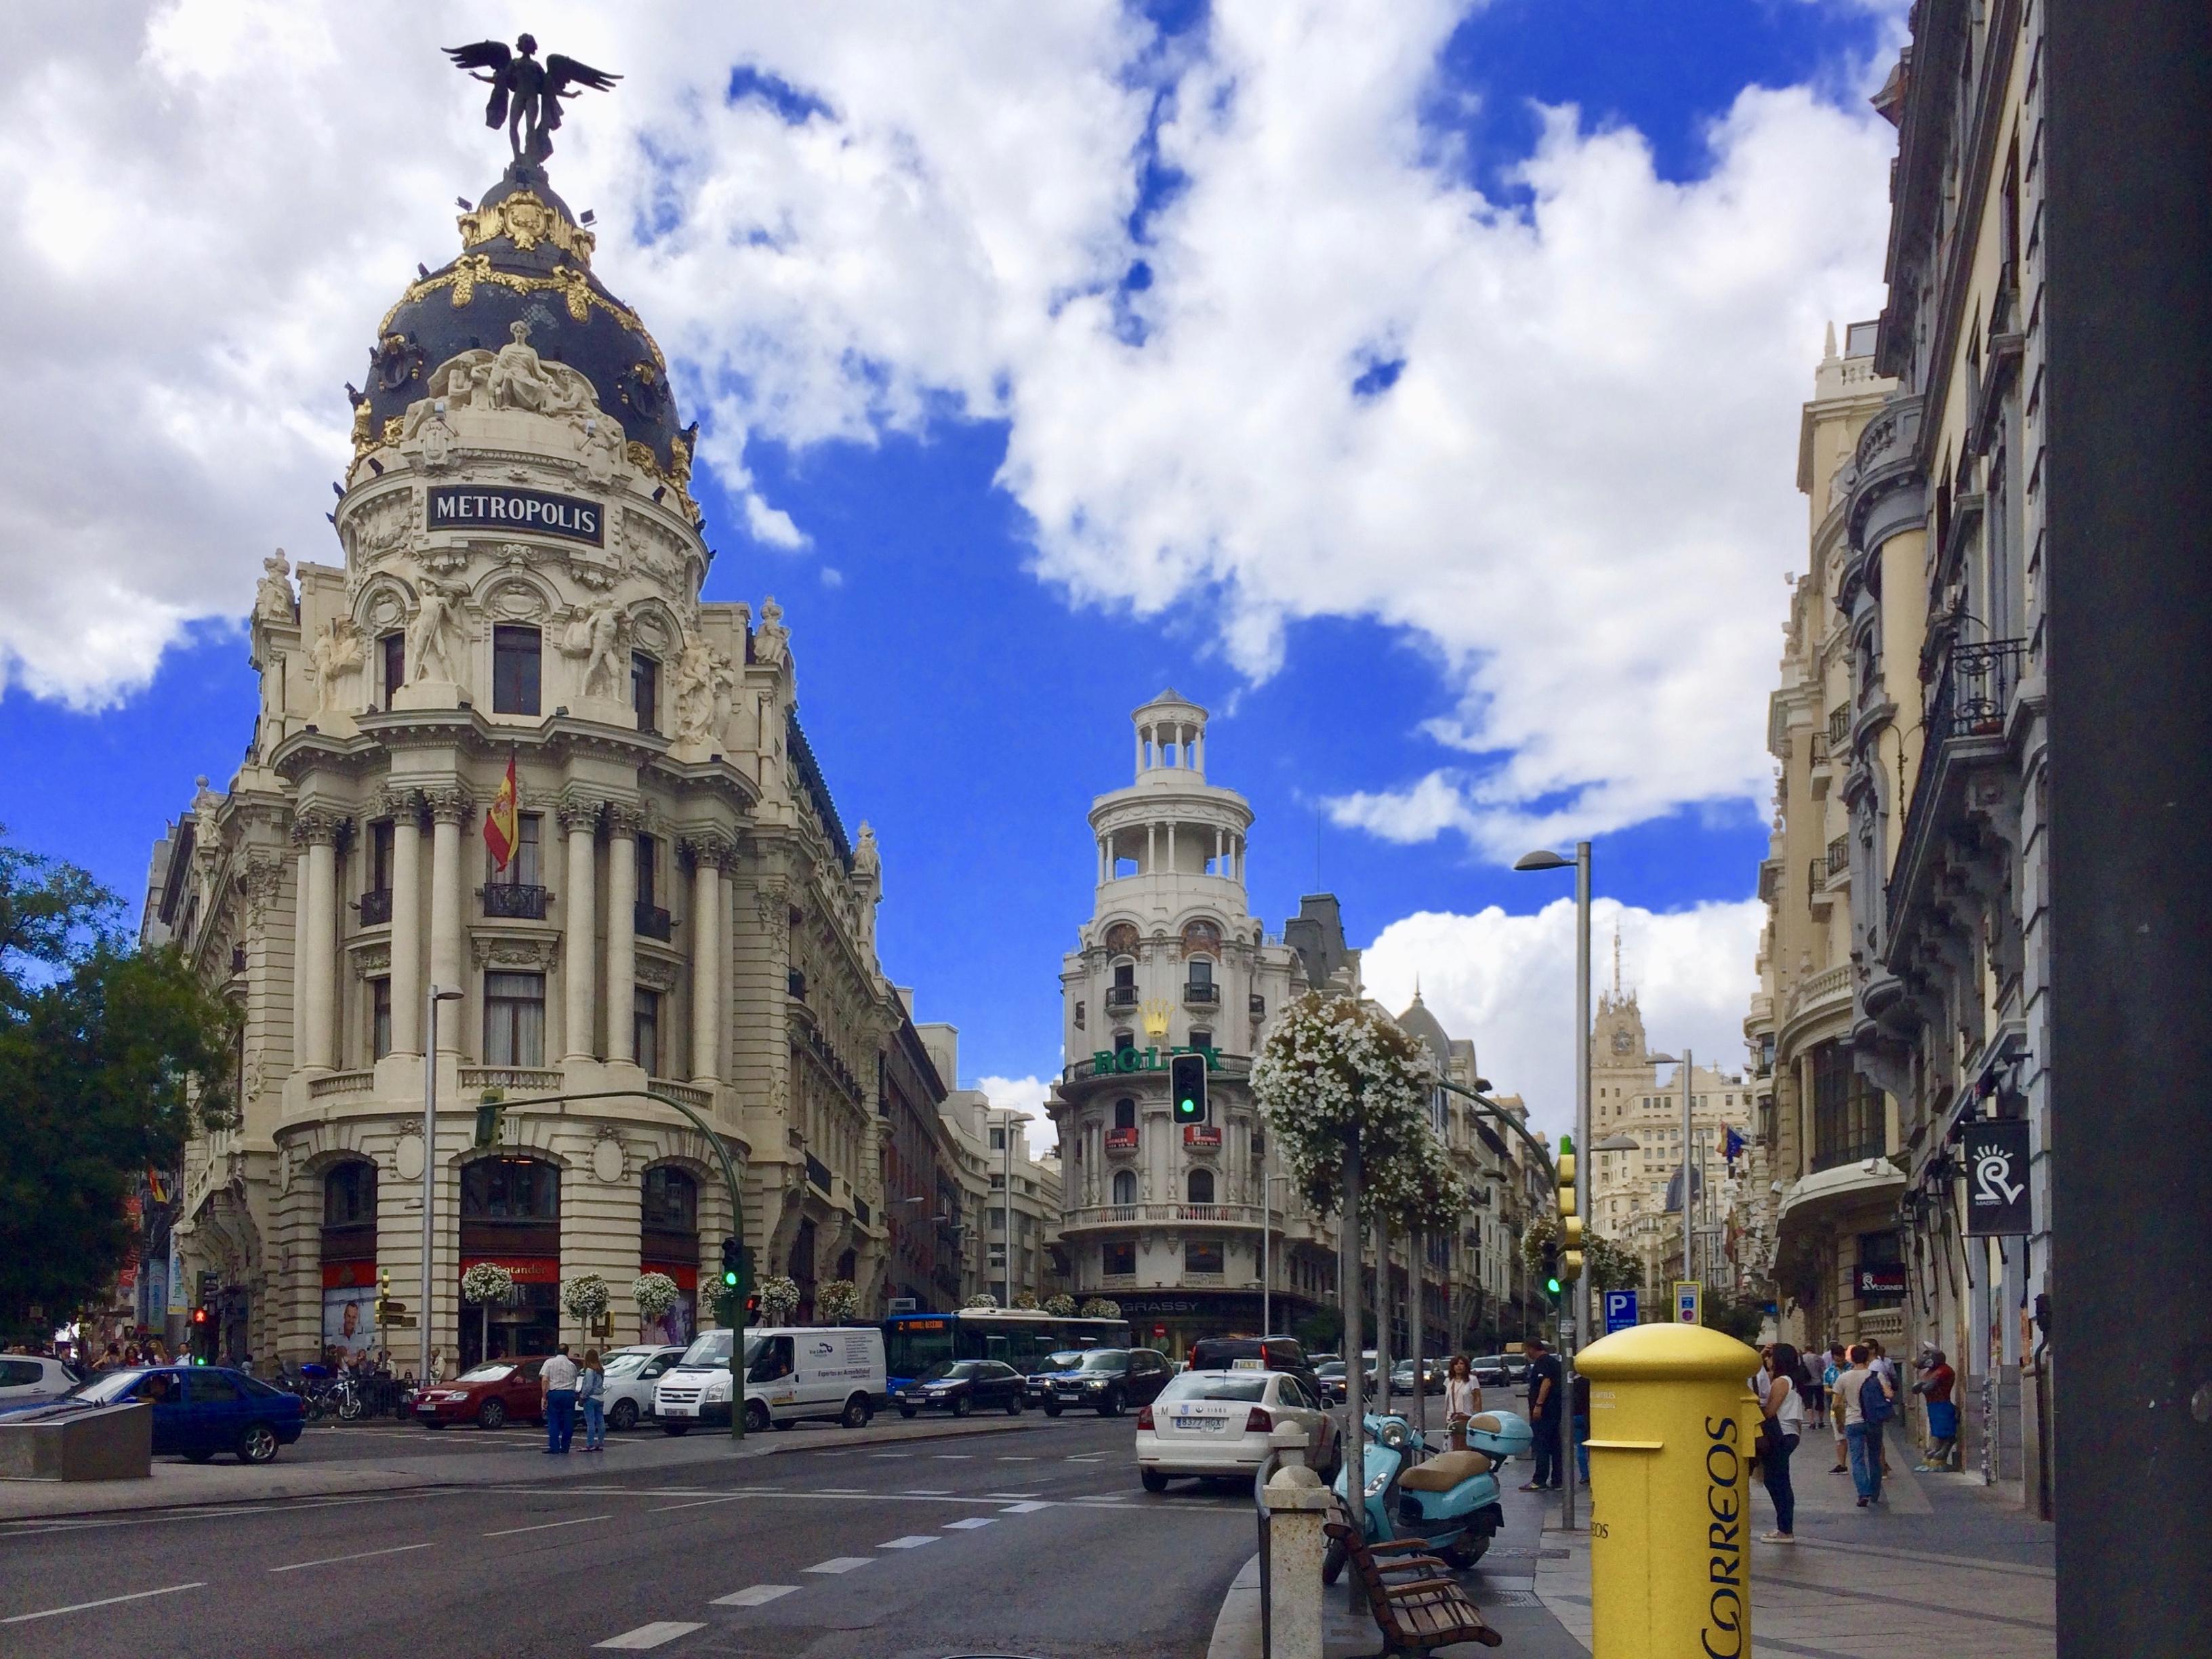 Cамые популярные европейские города в Instagram